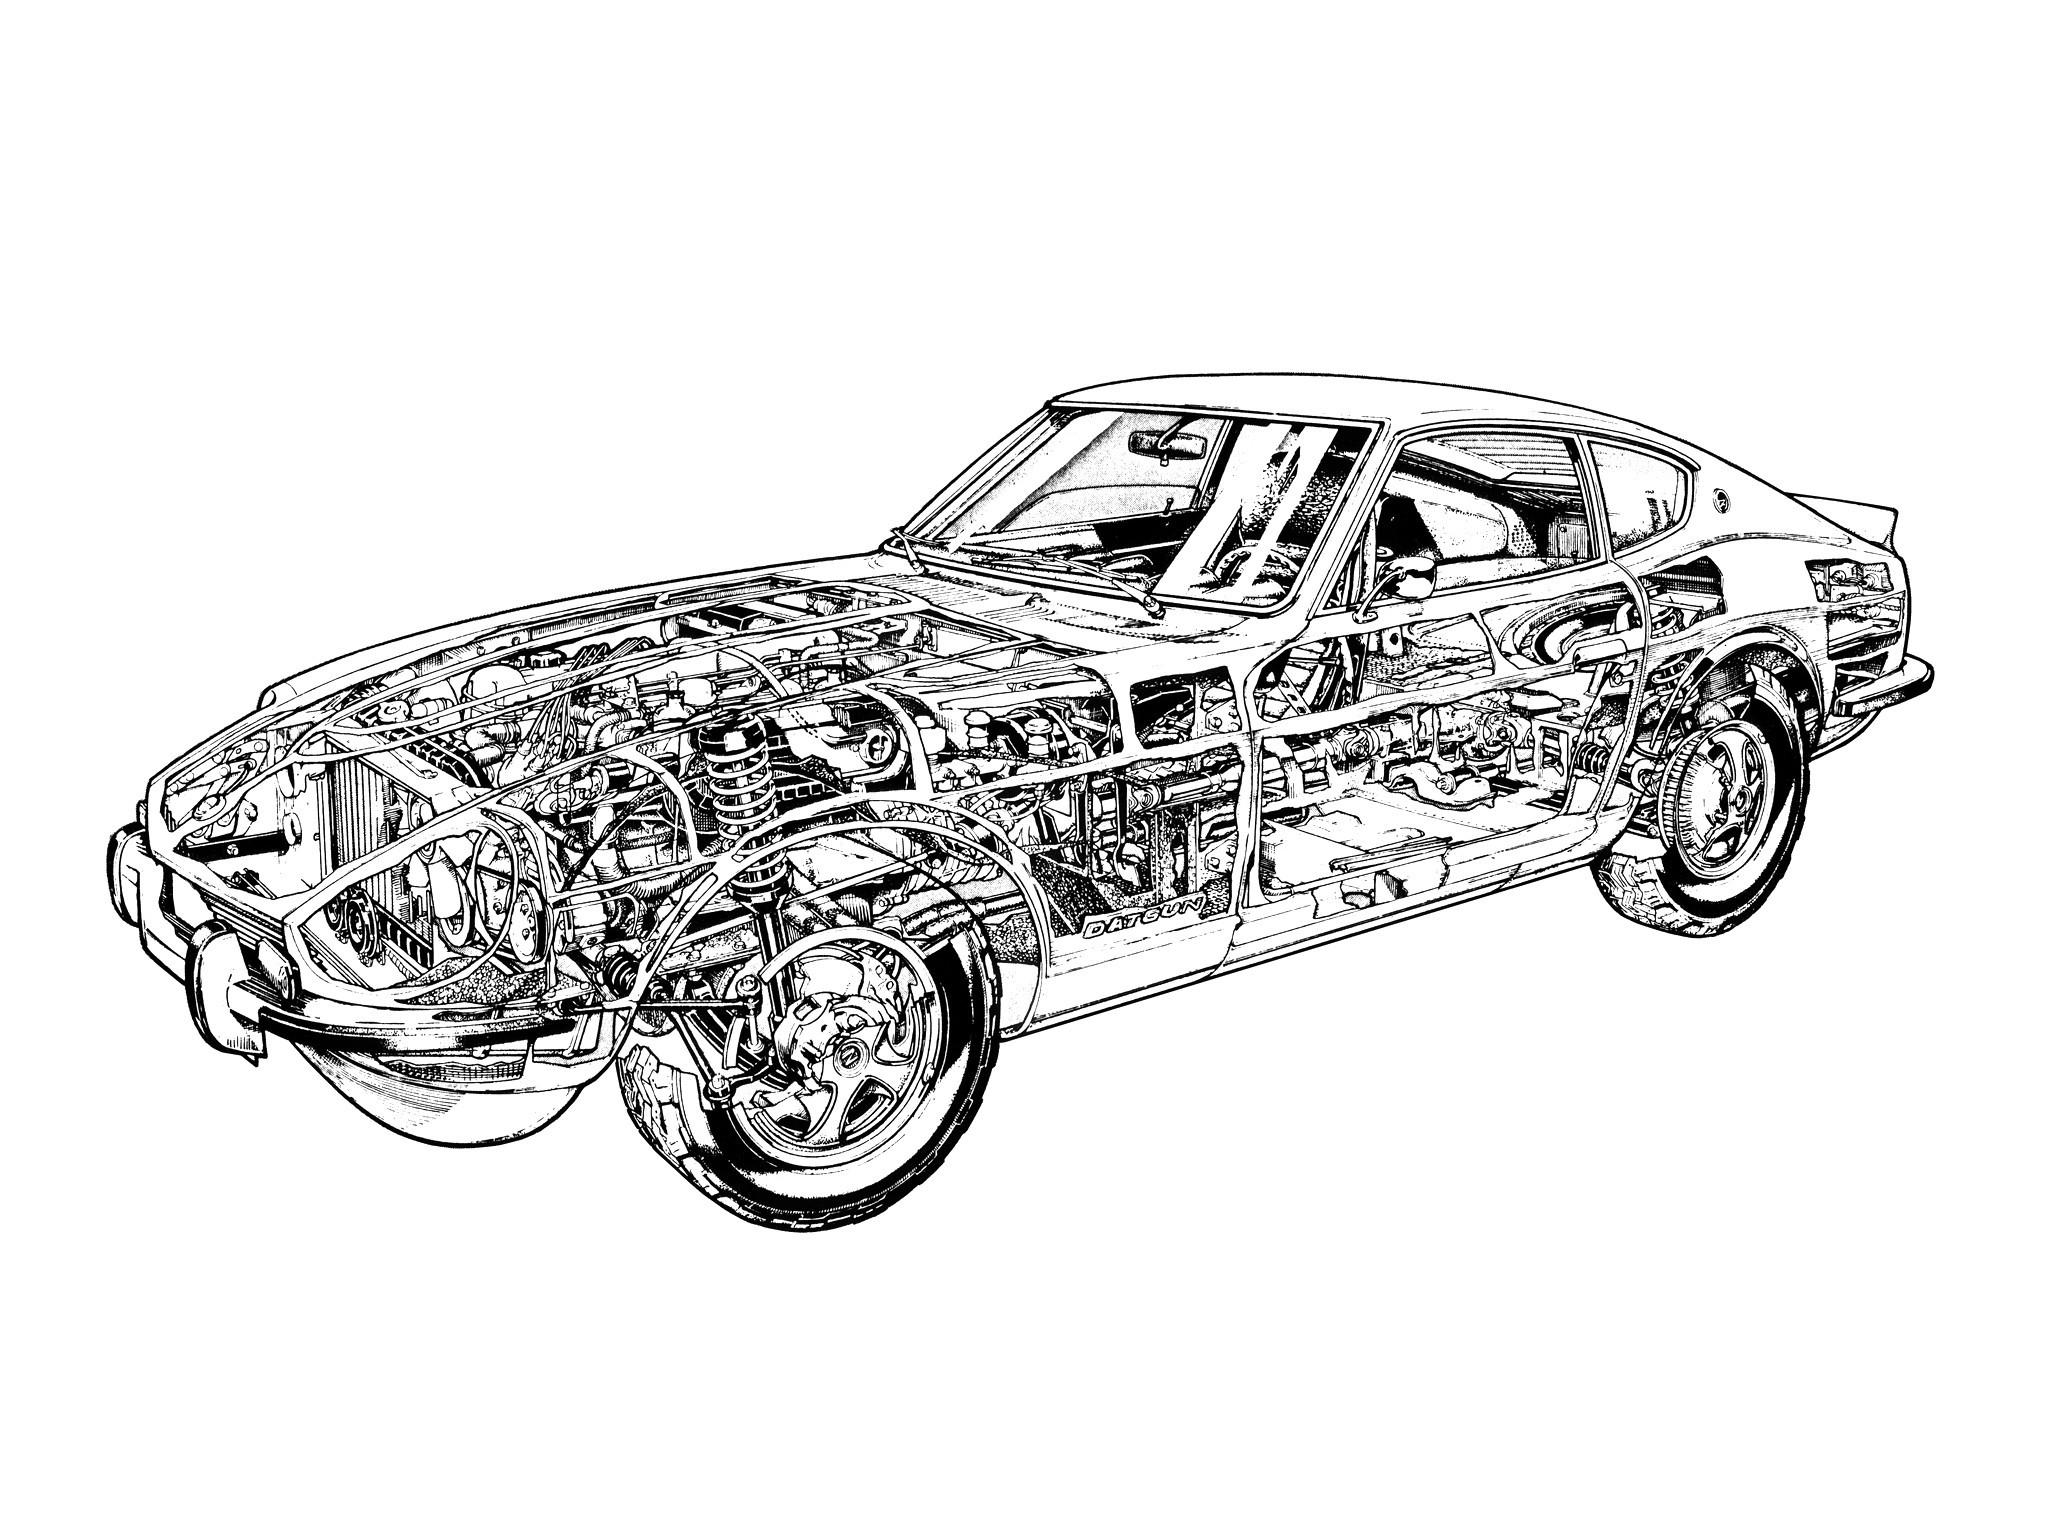 1969aei74 Datsun 240Z (HS30) classic interior engine h wallpaper